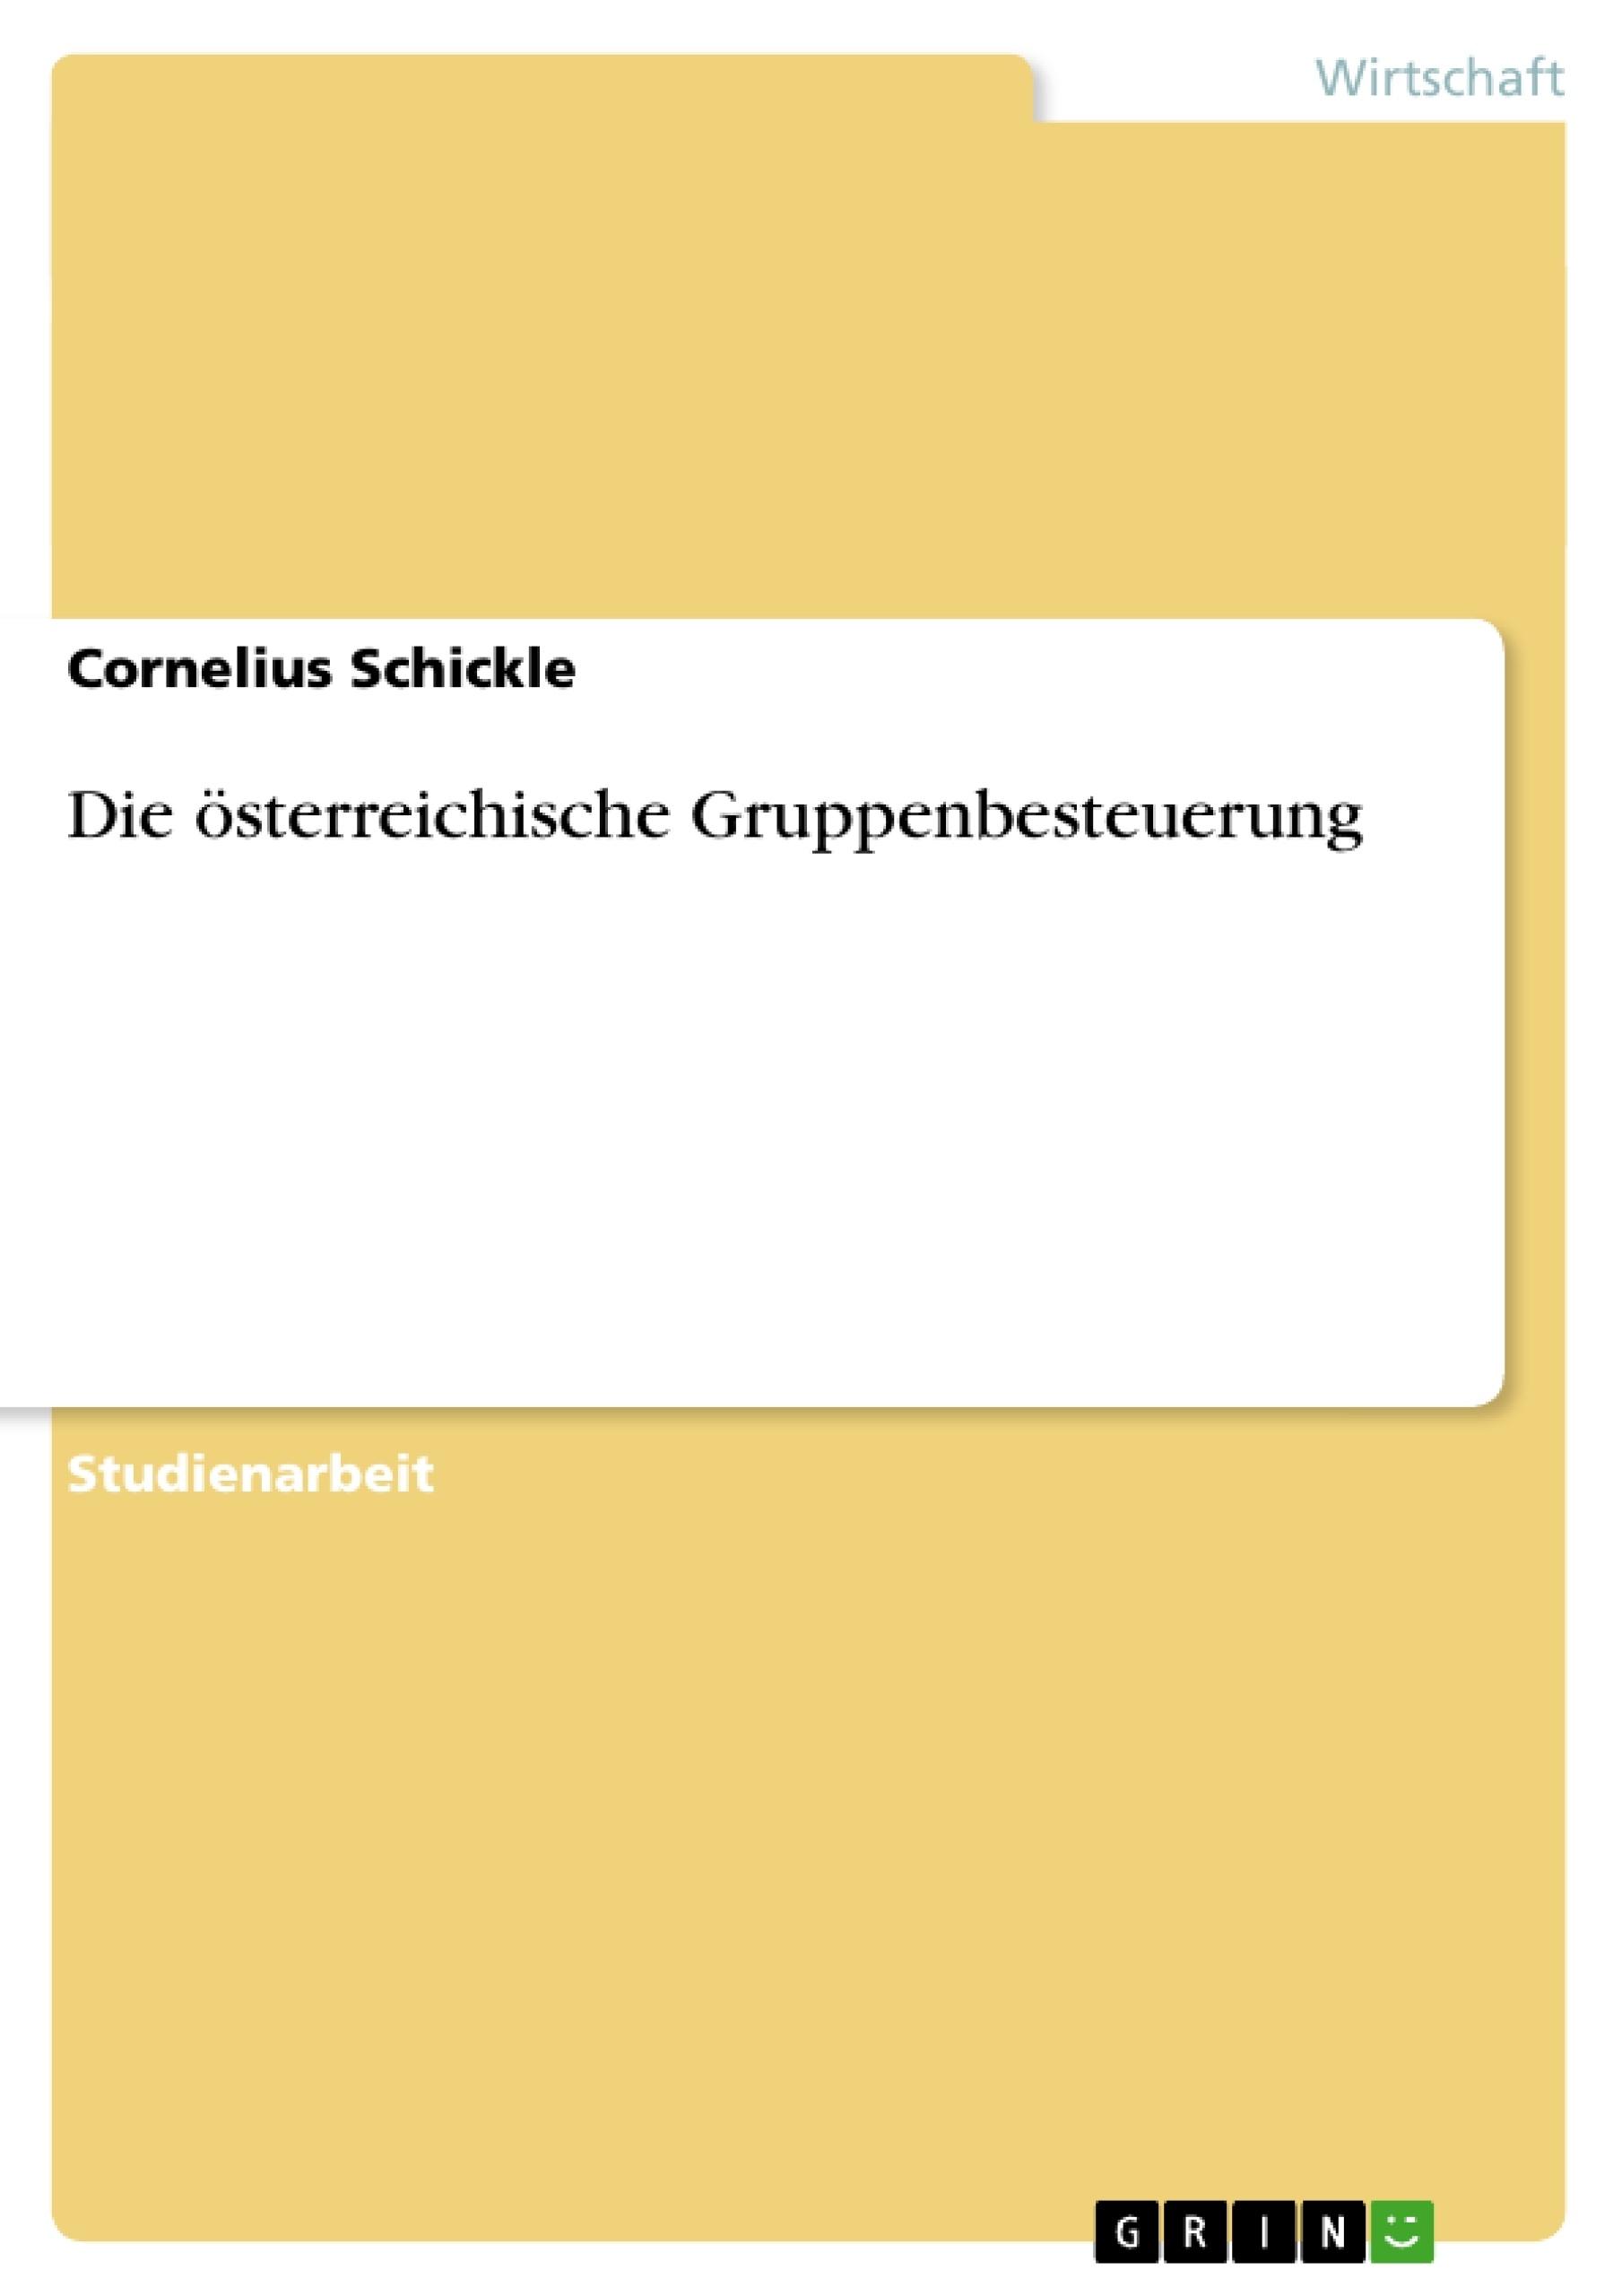 Titel: Die österreichische Gruppenbesteuerung